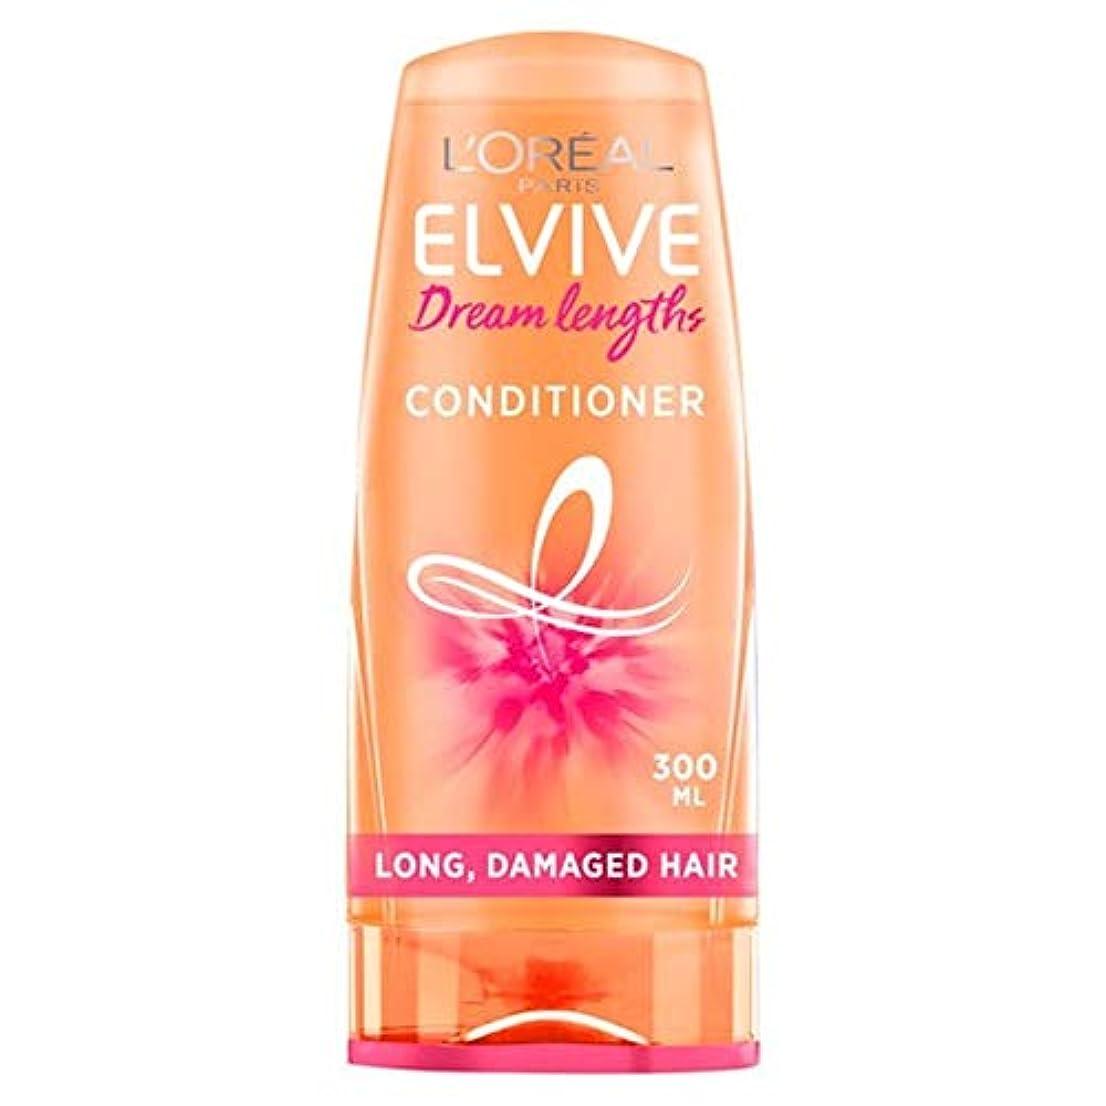 飲食店さようなら分子[Elvive] ロレアルはElvive長ヘアコンディショナー300ミリリットルの夢 - L'oreal Elvive Dream Lengths Hair Conditioner 300Ml [並行輸入品]